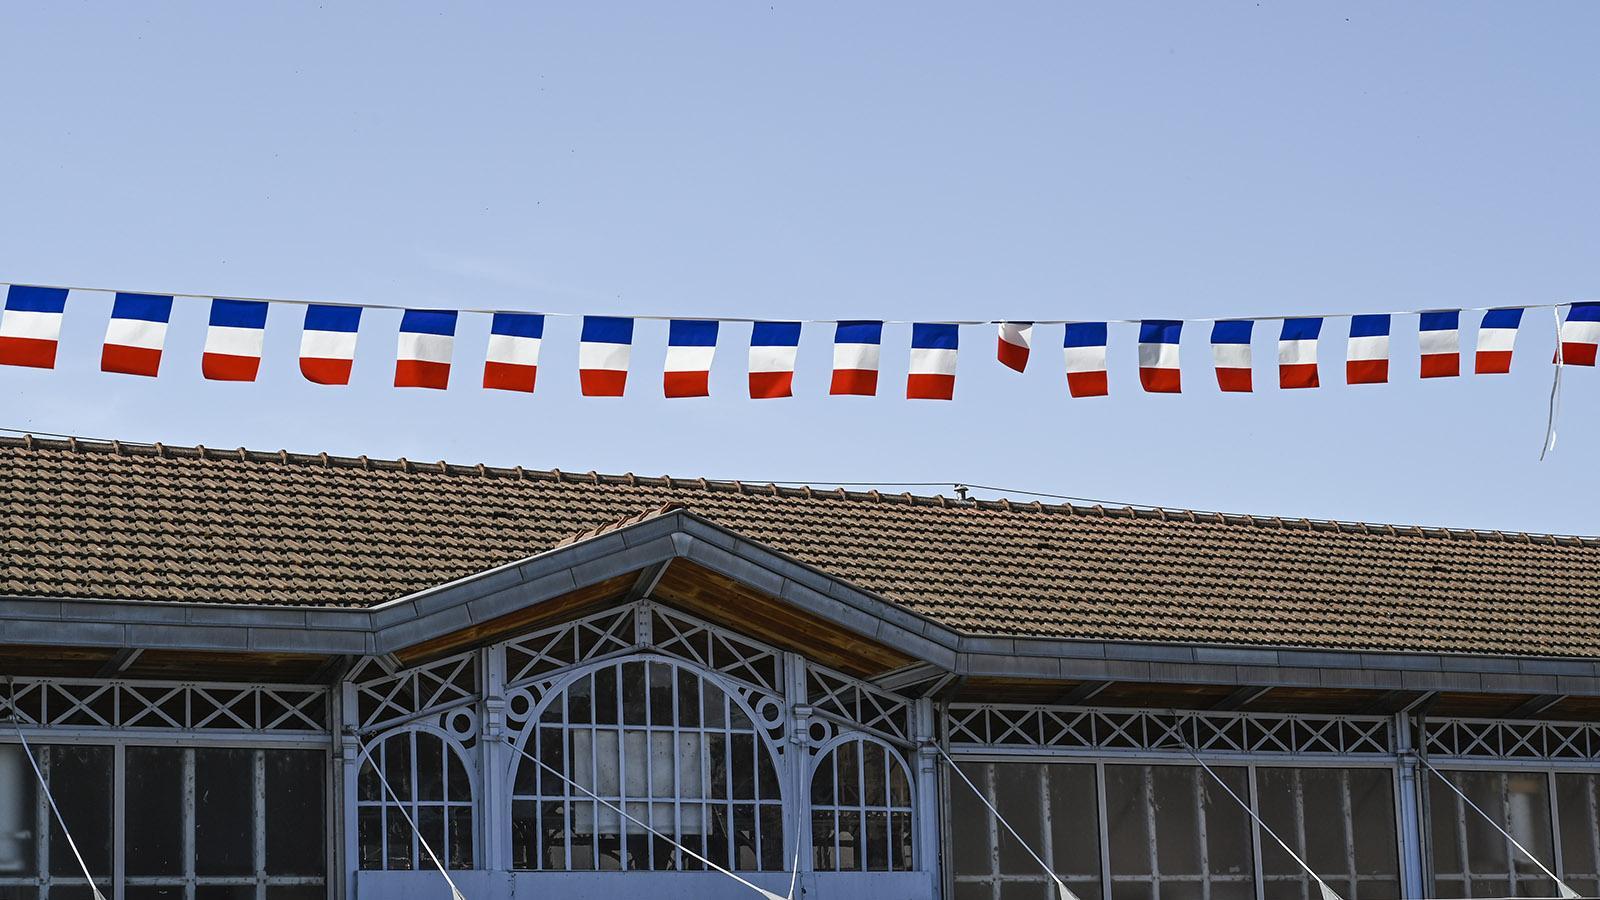 Bunte Wimpel schmücken am 14. Juli auch die Markthalle von Saint-Cyprien in Toulouse. Foto: Hilke Maunder